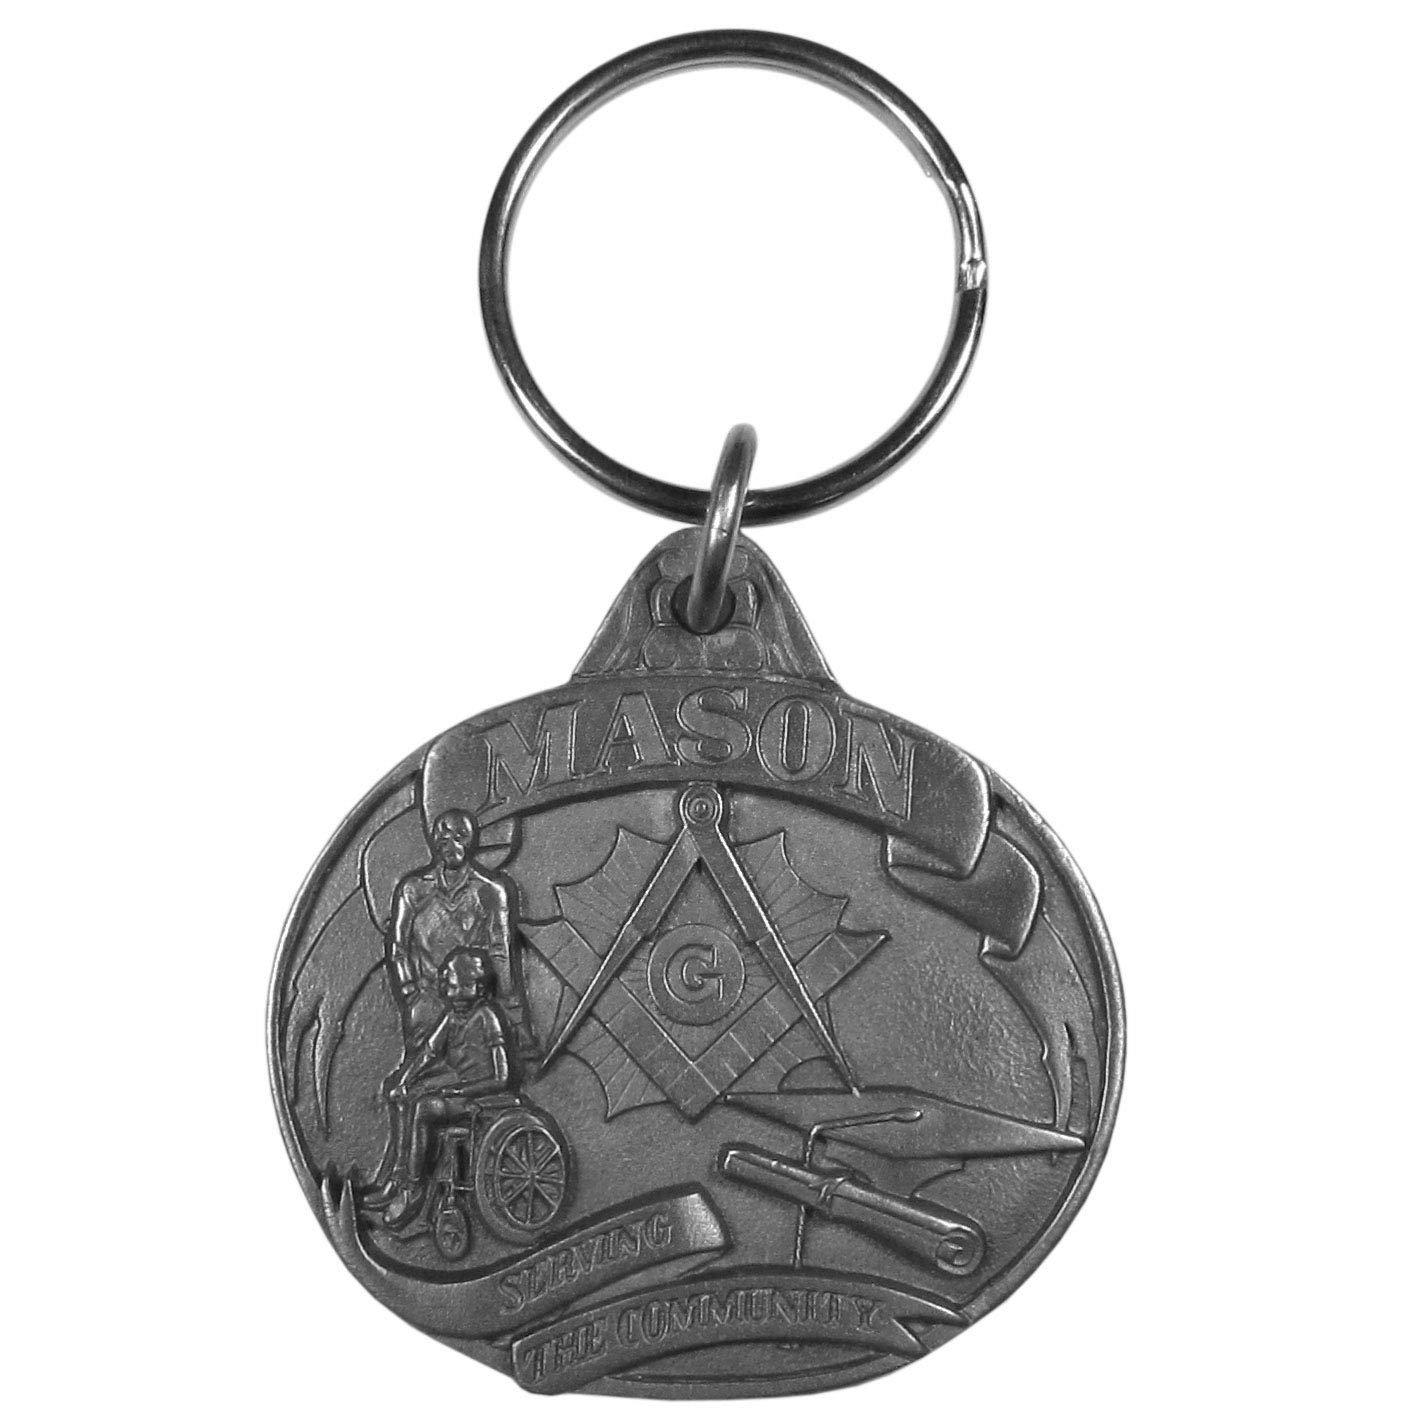 Siskiyou Mason Antiqued Key Chain Siskiyou Buckle Co Inc KR151